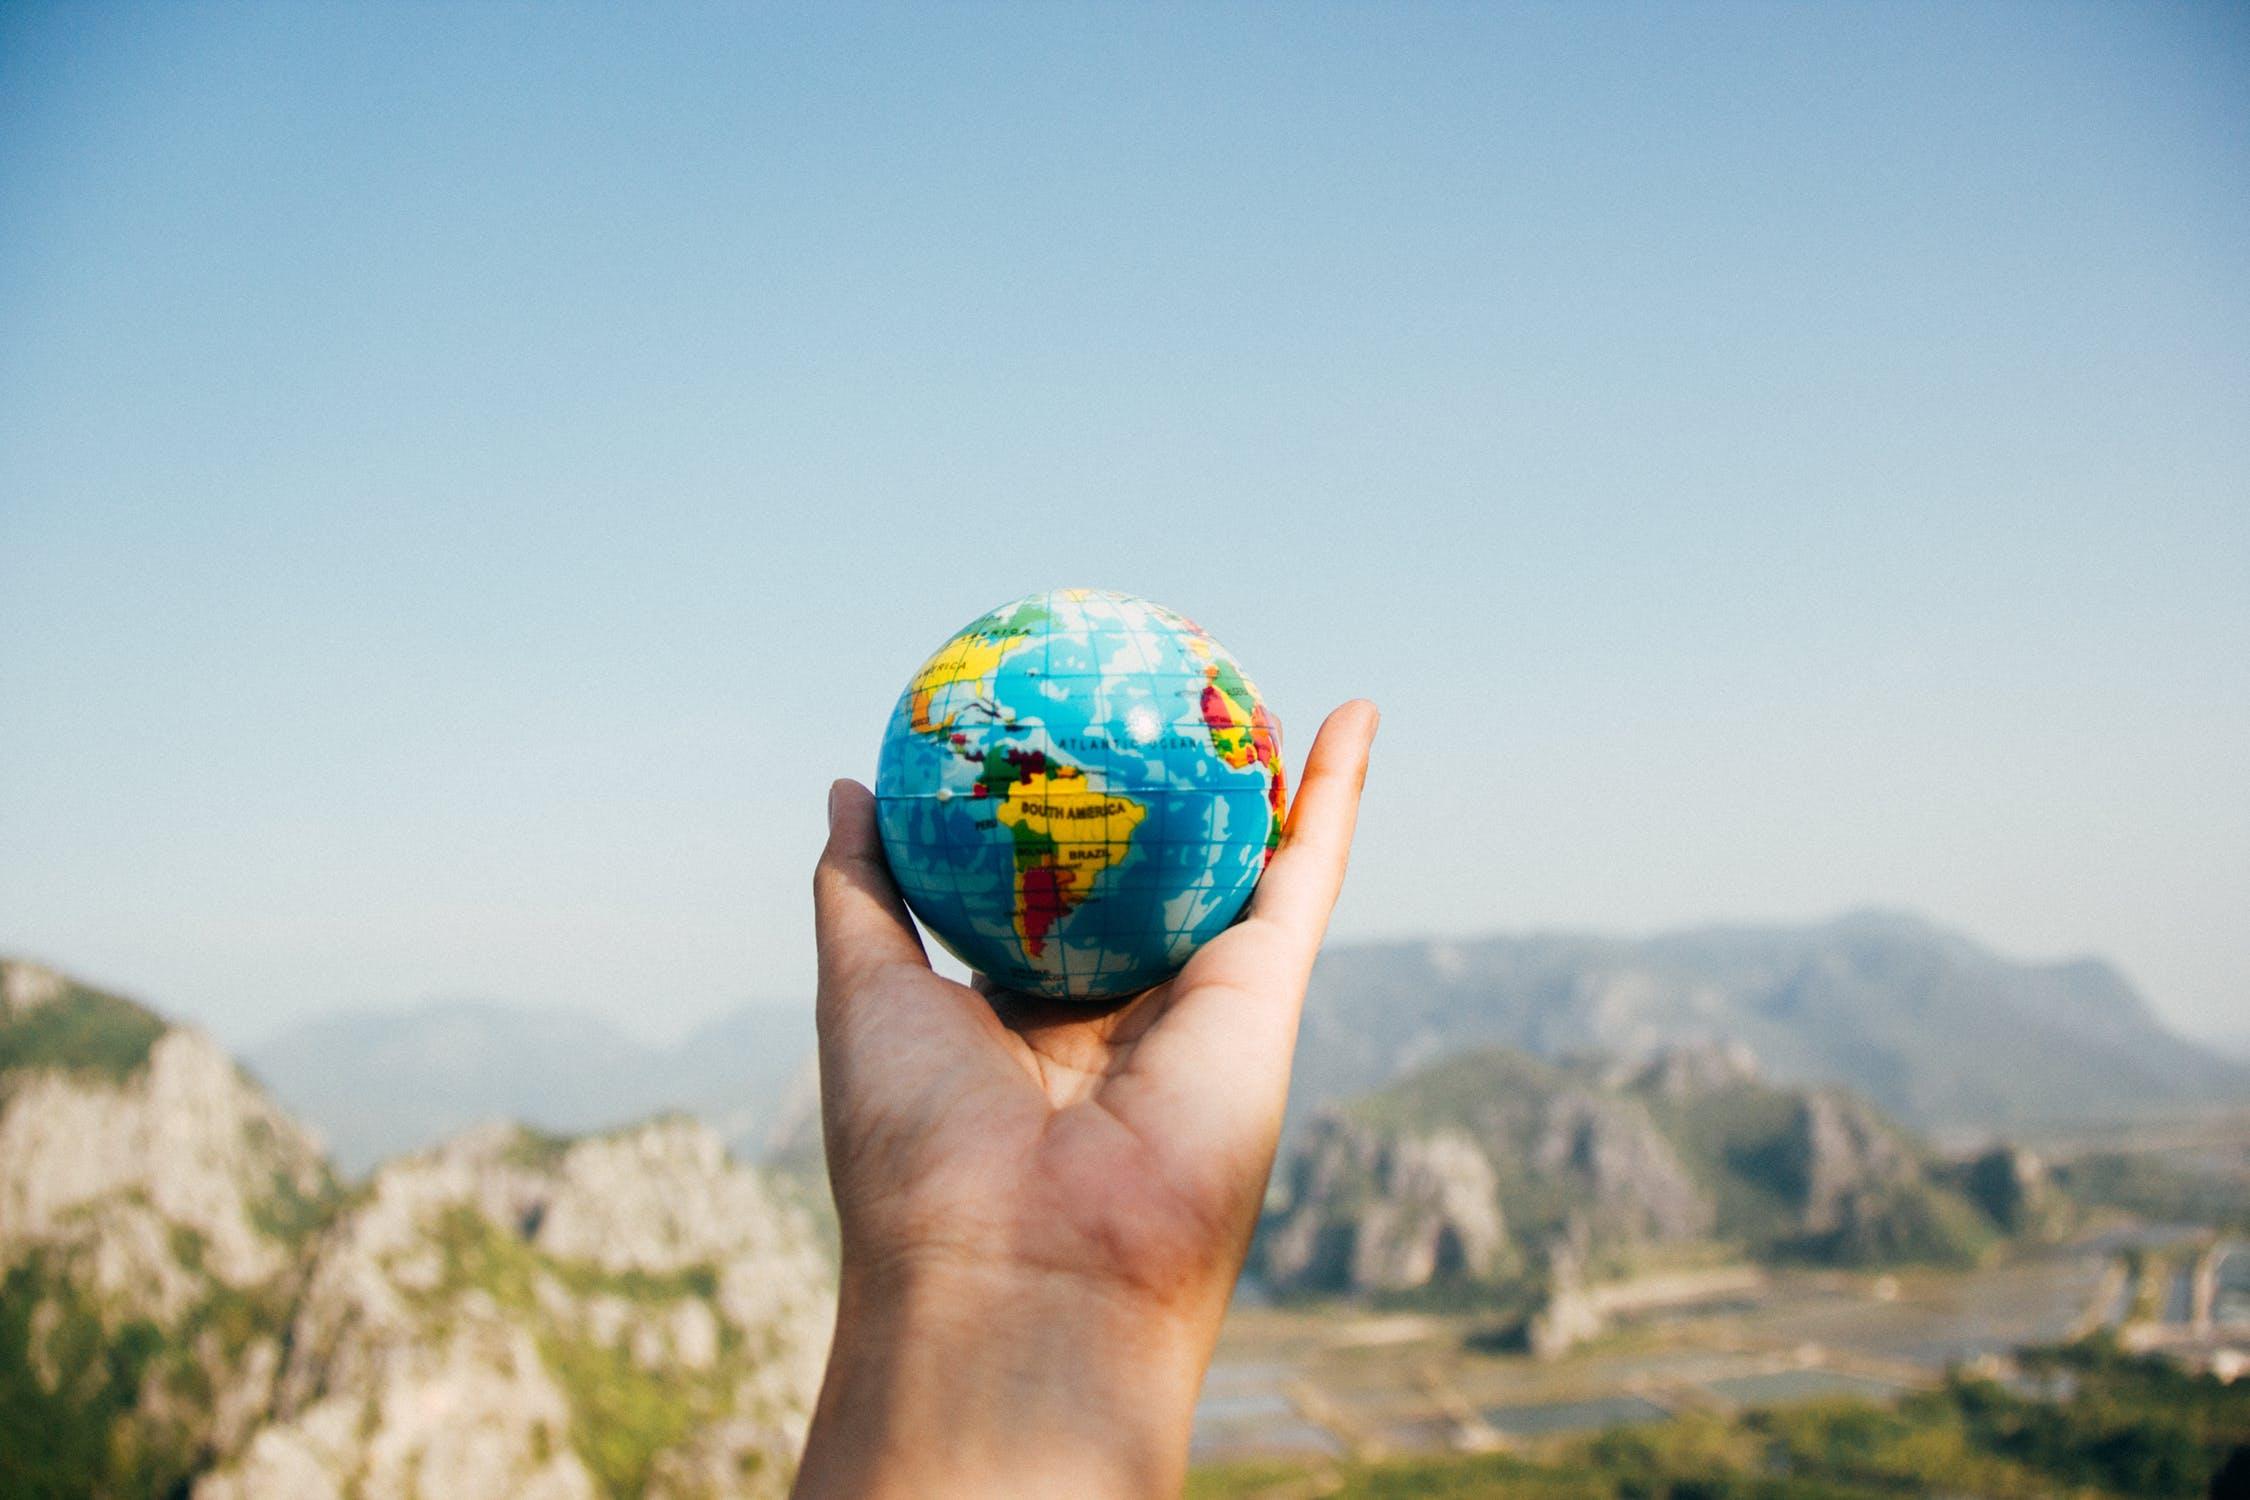 世界旅游组织最新报告:2018年全球国际旅游人数达14亿,提前两年达成预期